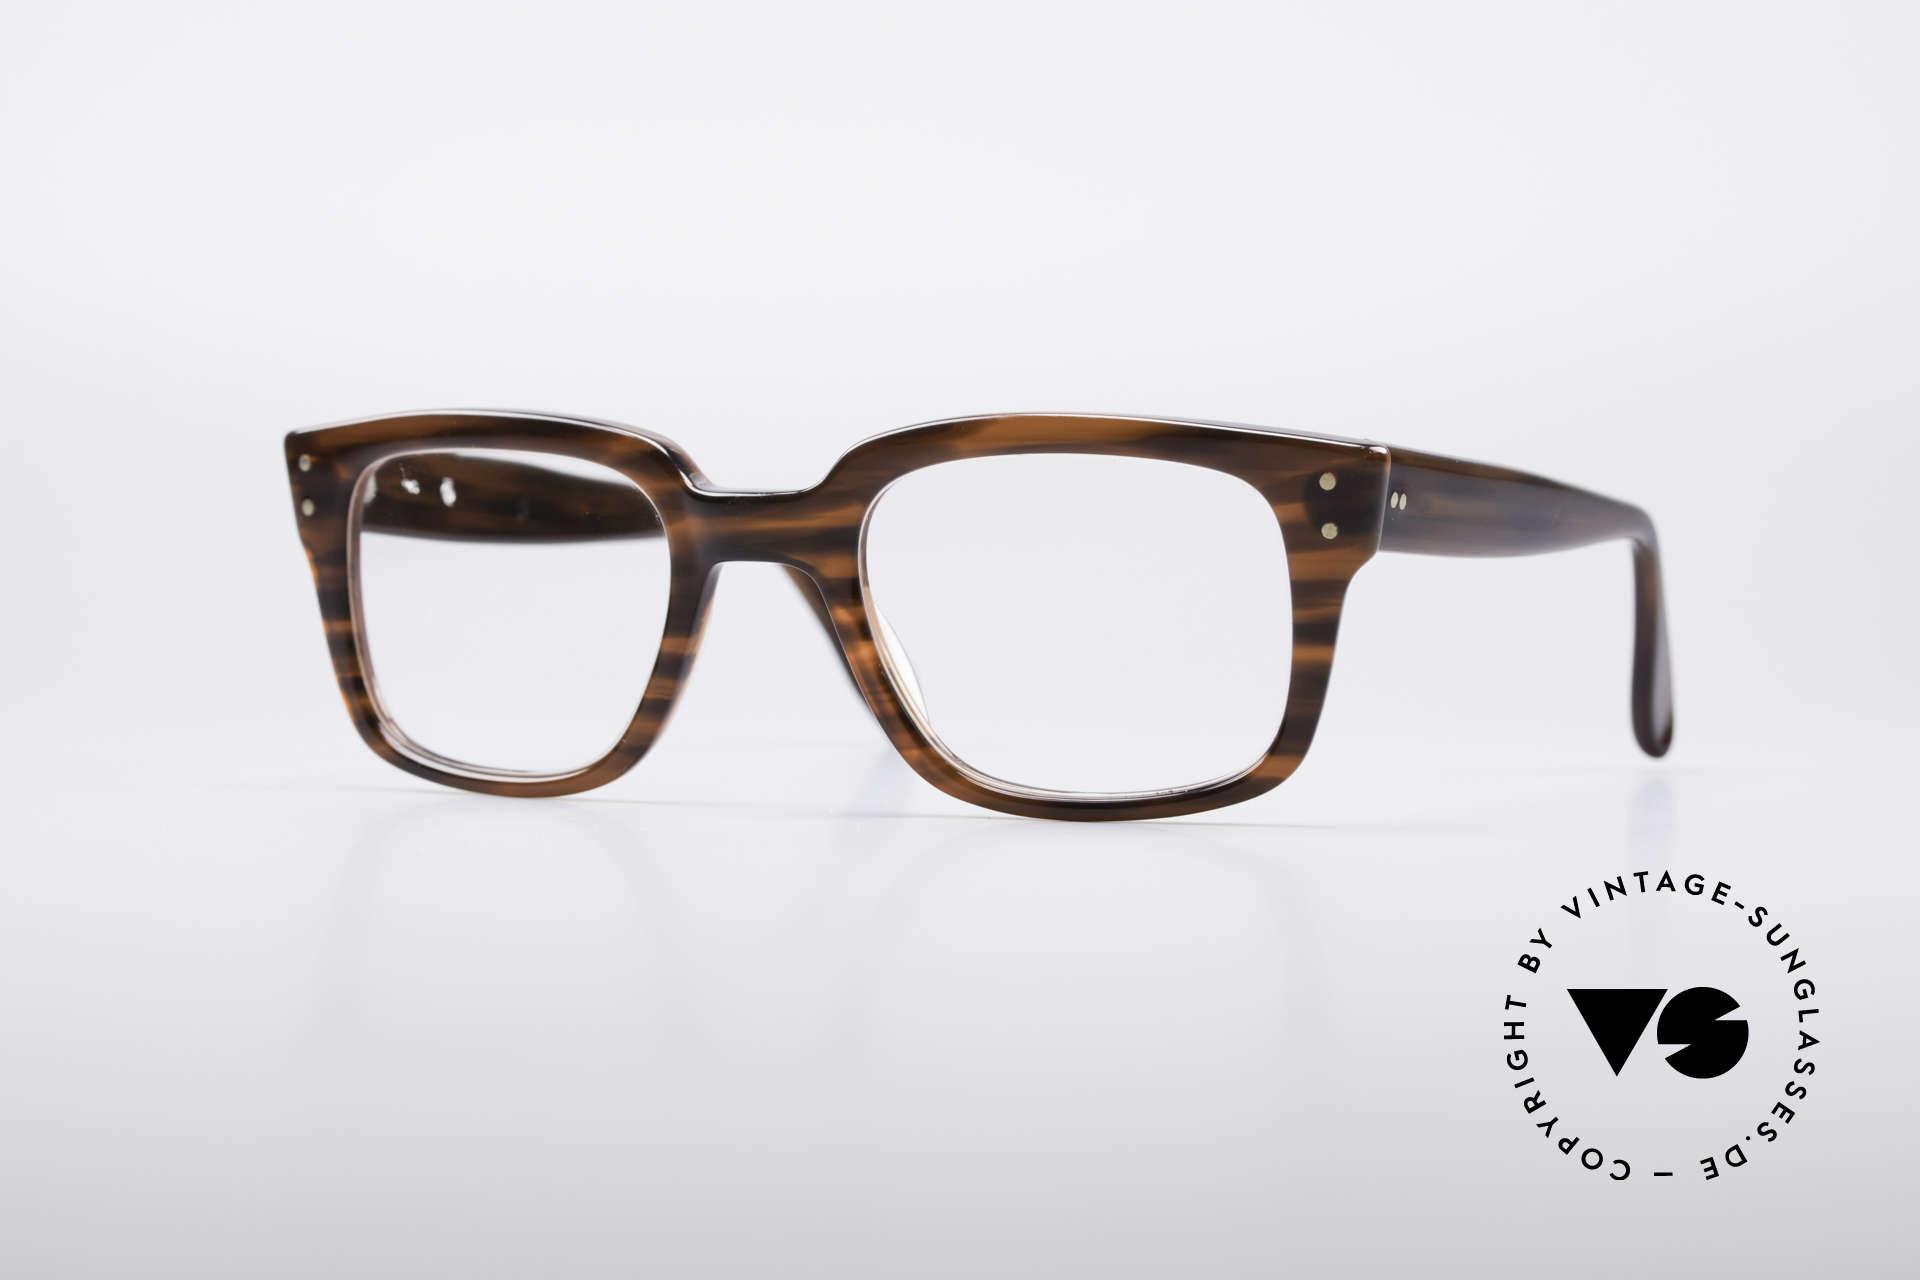 Brillen Metzler 445 80er Jahre Vintage Brille | Vintage Sunglasses